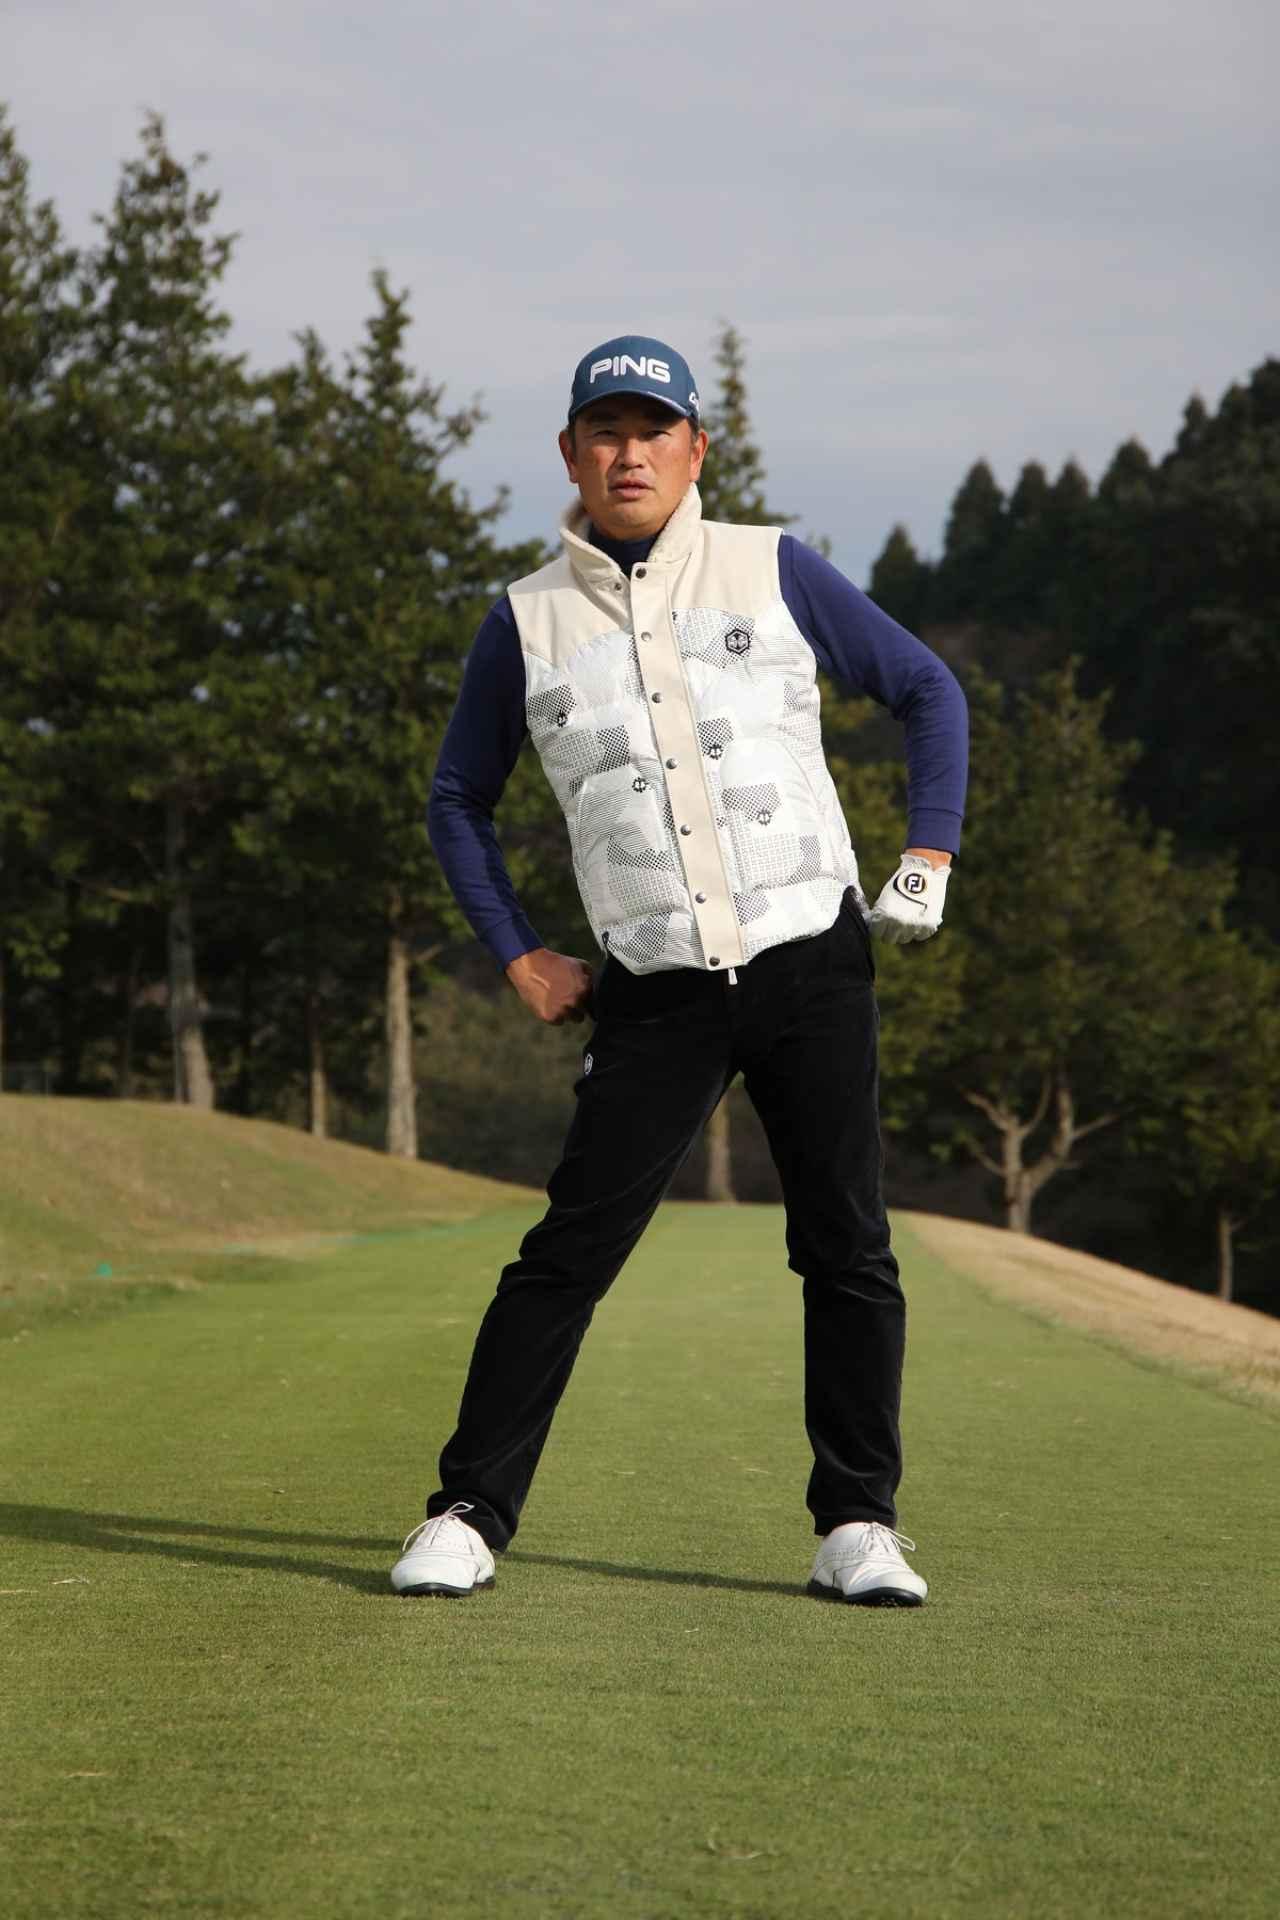 画像11: ダスティン・ジョンソンのココが凄い!PGAツアー スウィング超解説④